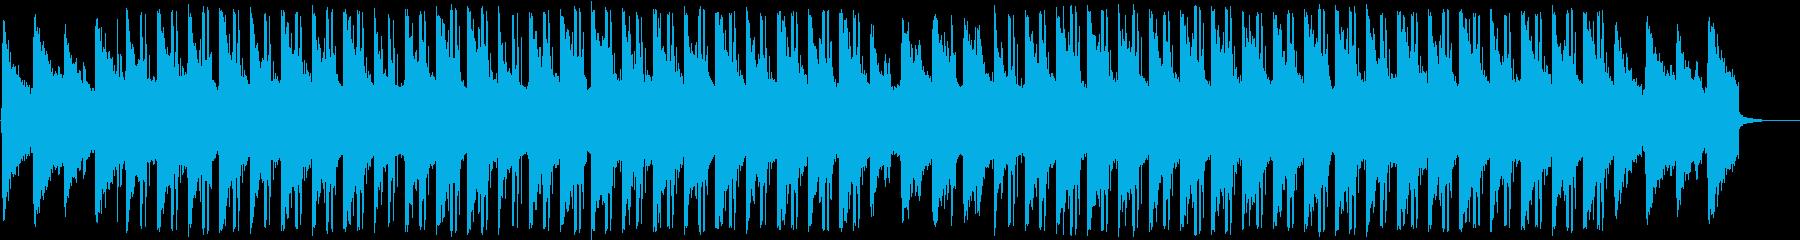 浮遊感、おしゃれ、チルアウトの再生済みの波形